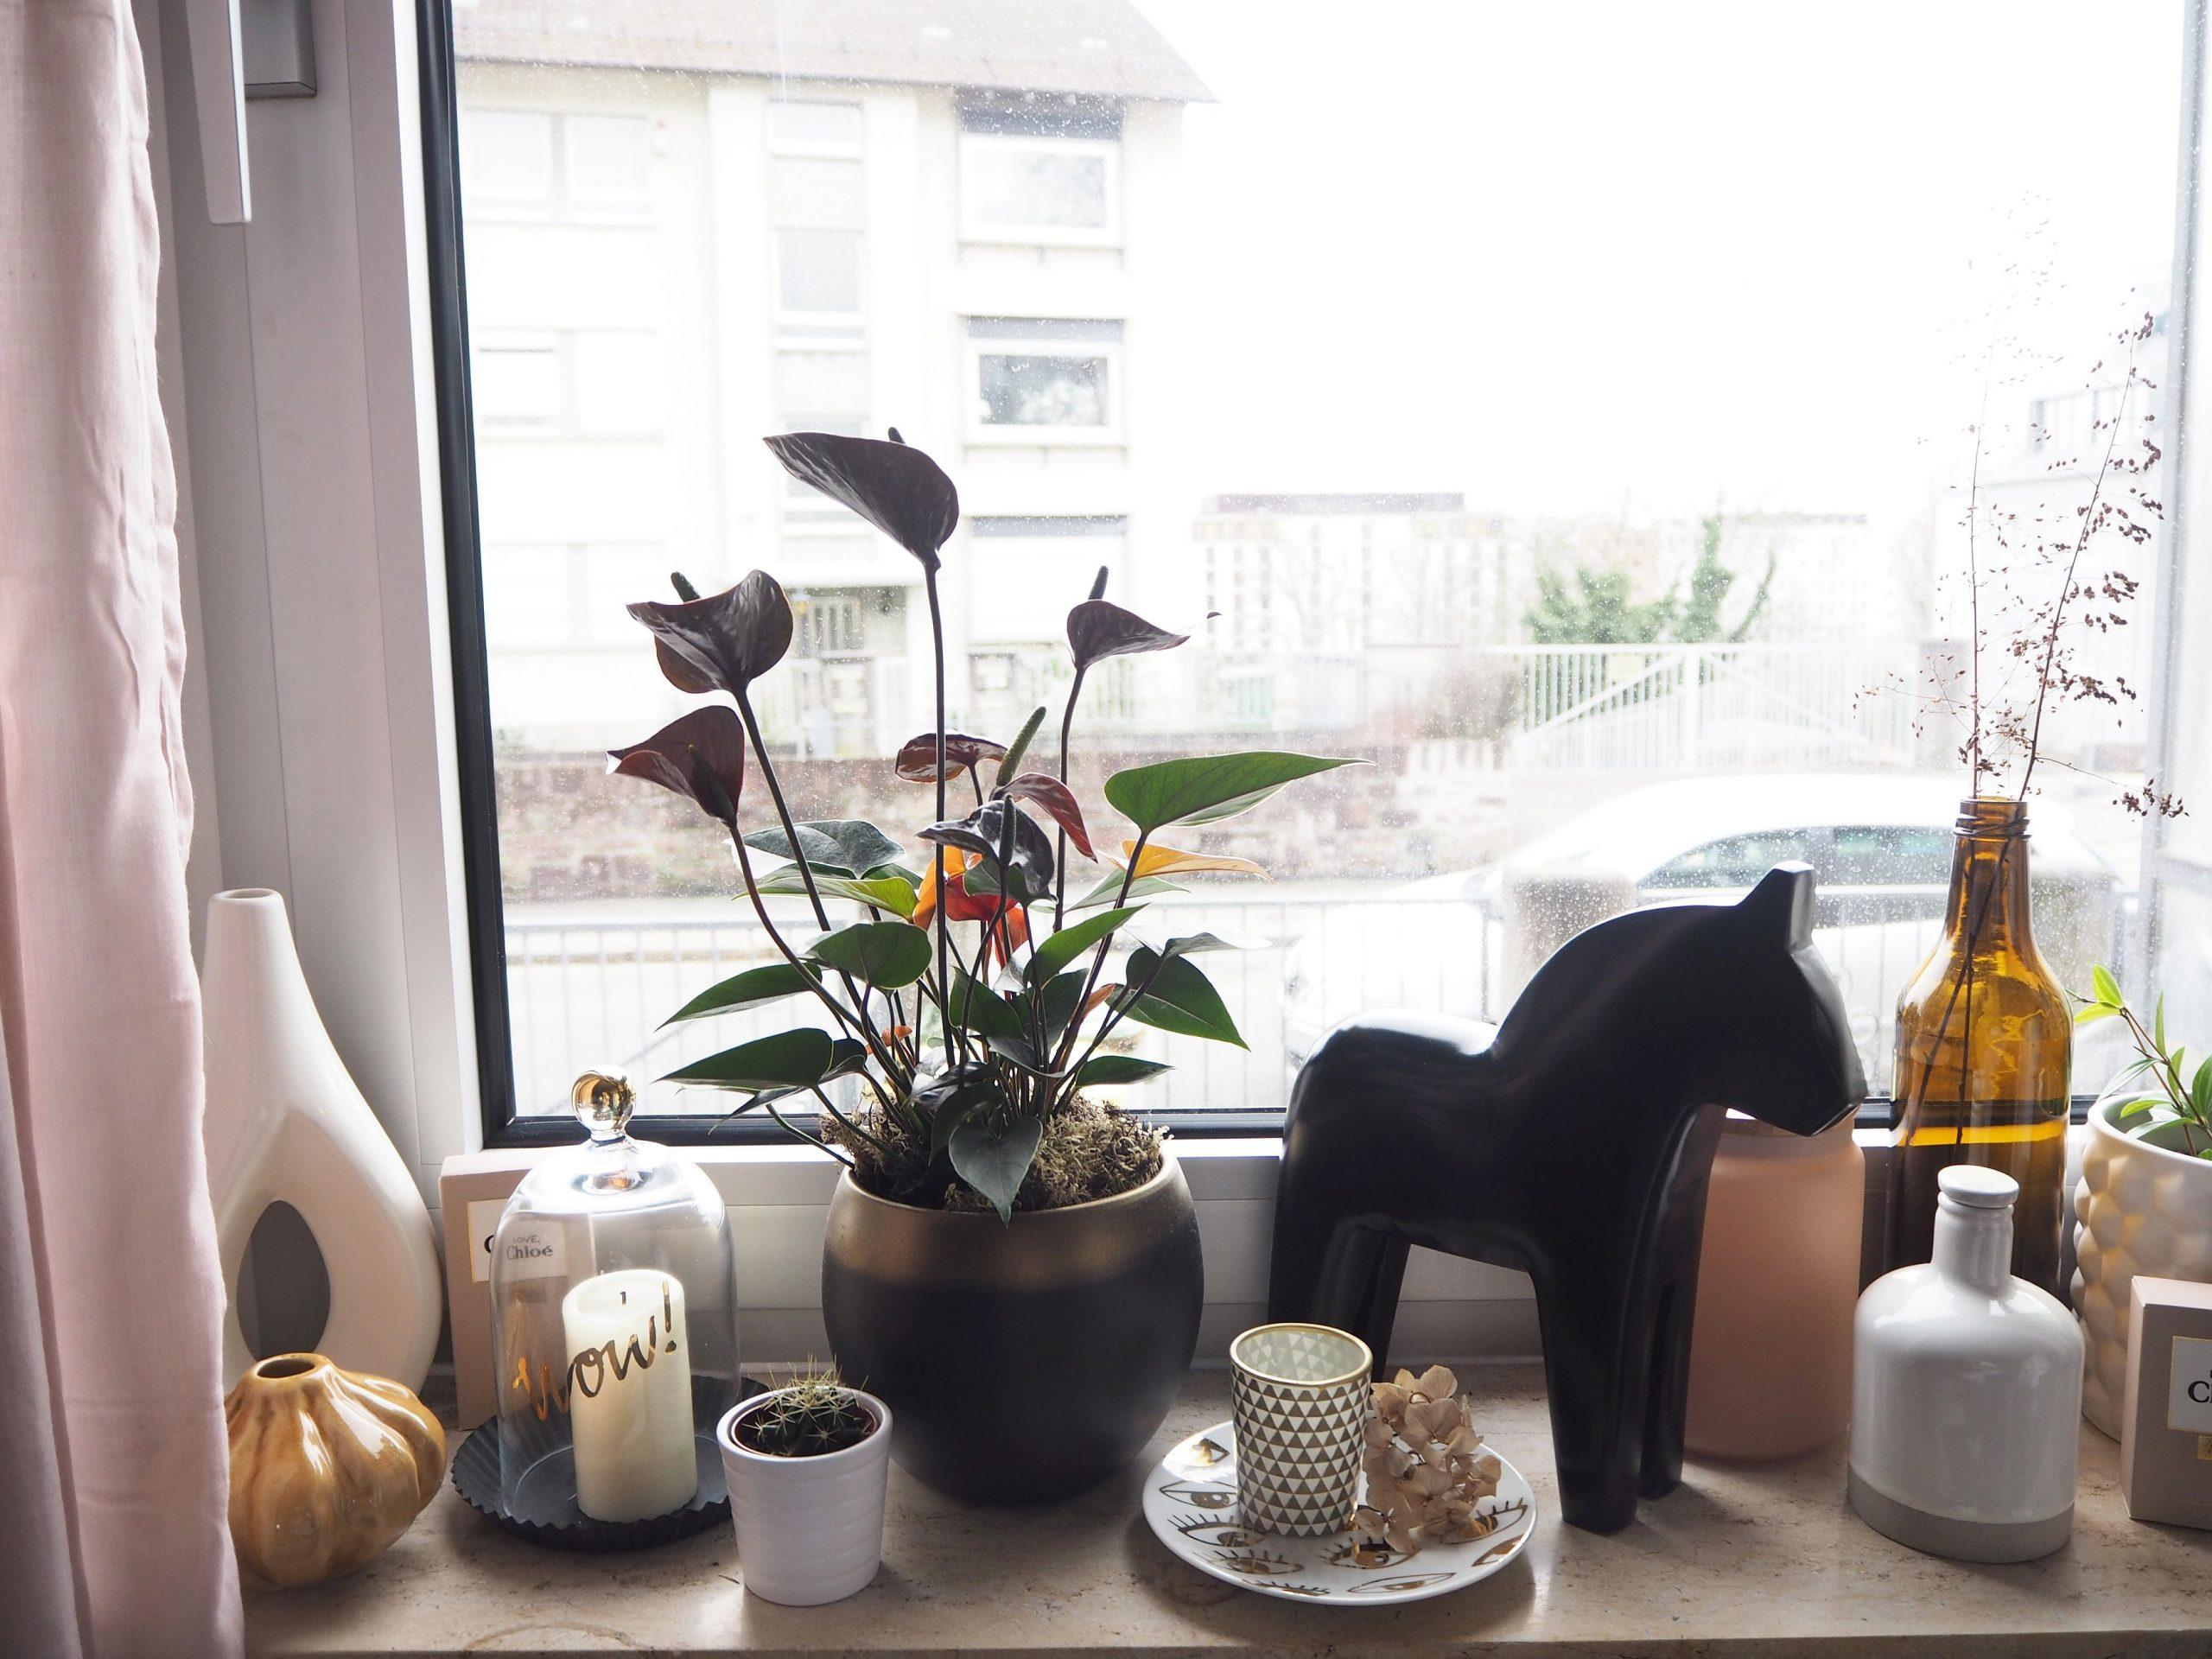 Full Size of Deko Fensterbank Schlafzimmer Interior Fr Skn Och Kreativ Wanddeko Komplettes Teppich Stuhl Für Lampe Loddenkemper Deckenleuchte Set Günstig Truhe Betten Wohnzimmer Deko Fensterbank Schlafzimmer